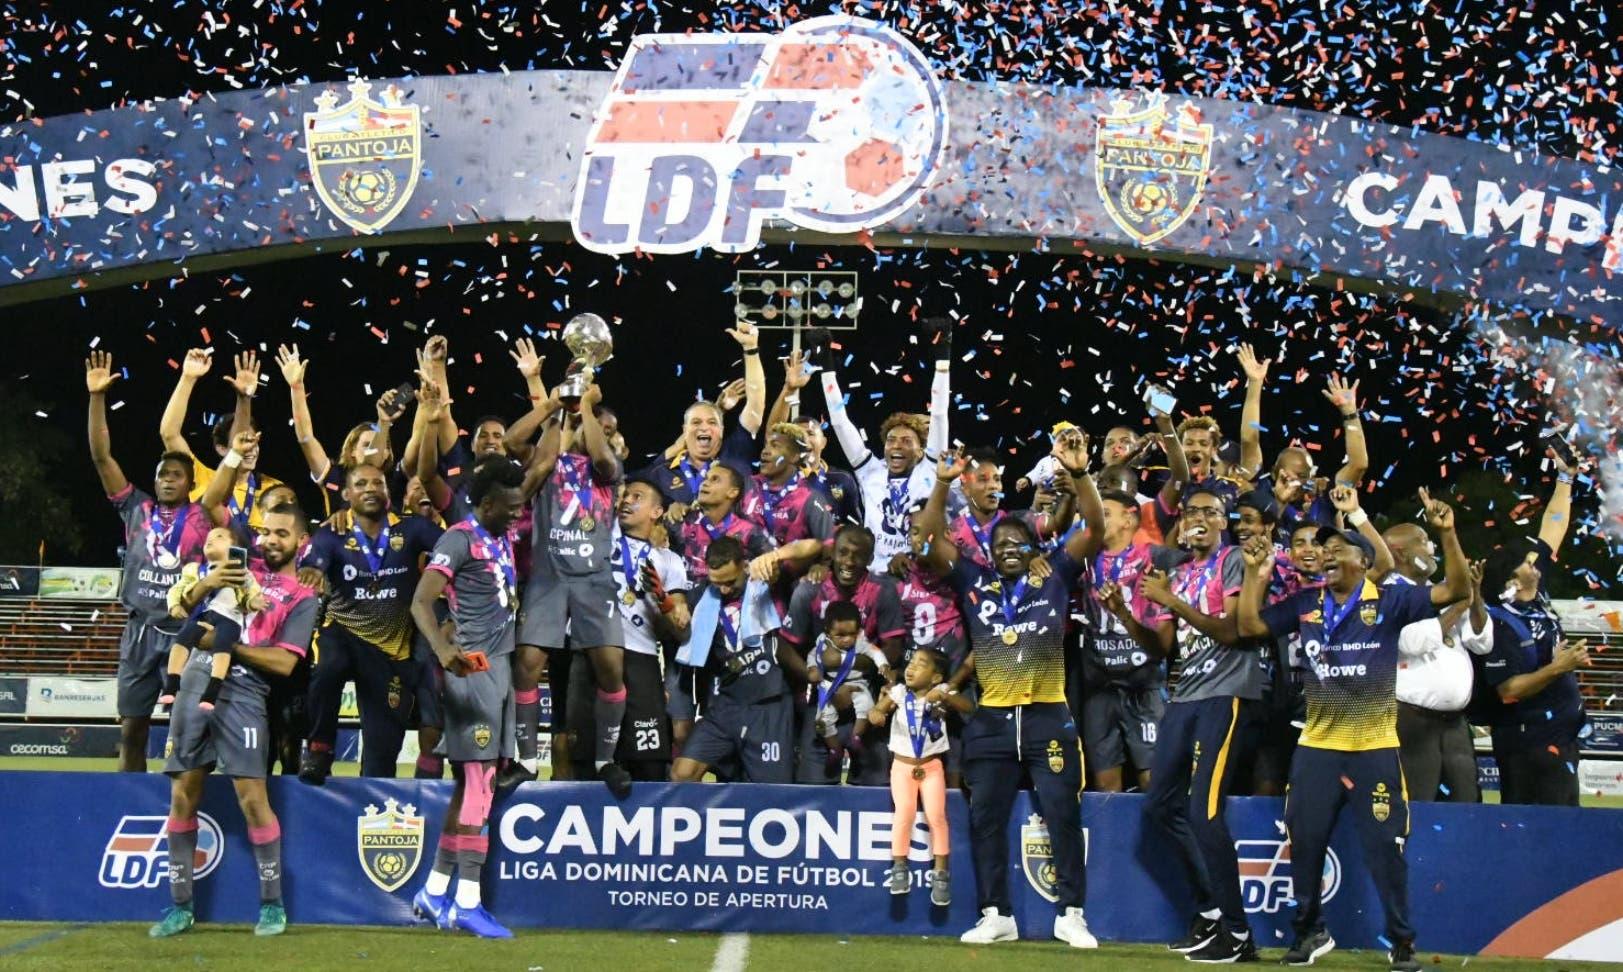 Con gran júbilo los campeones de Atlético Pantoja festejan la segunda corona en la Liga Dominicana de Fútbol.